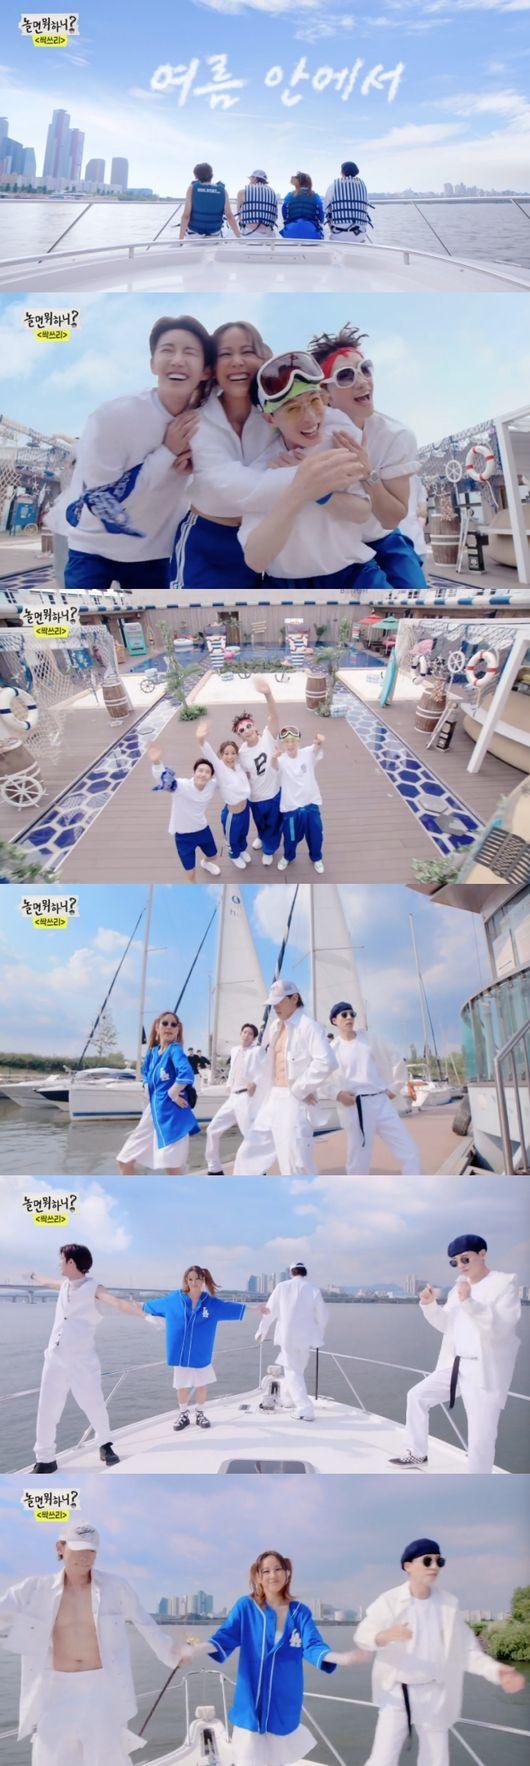 놀면 뭐하니? 싹쓰리x수발놈 광희 여름 안에서 MV 완성→25일 데뷔 성큼(종합)[Oh!쎈 이슈]